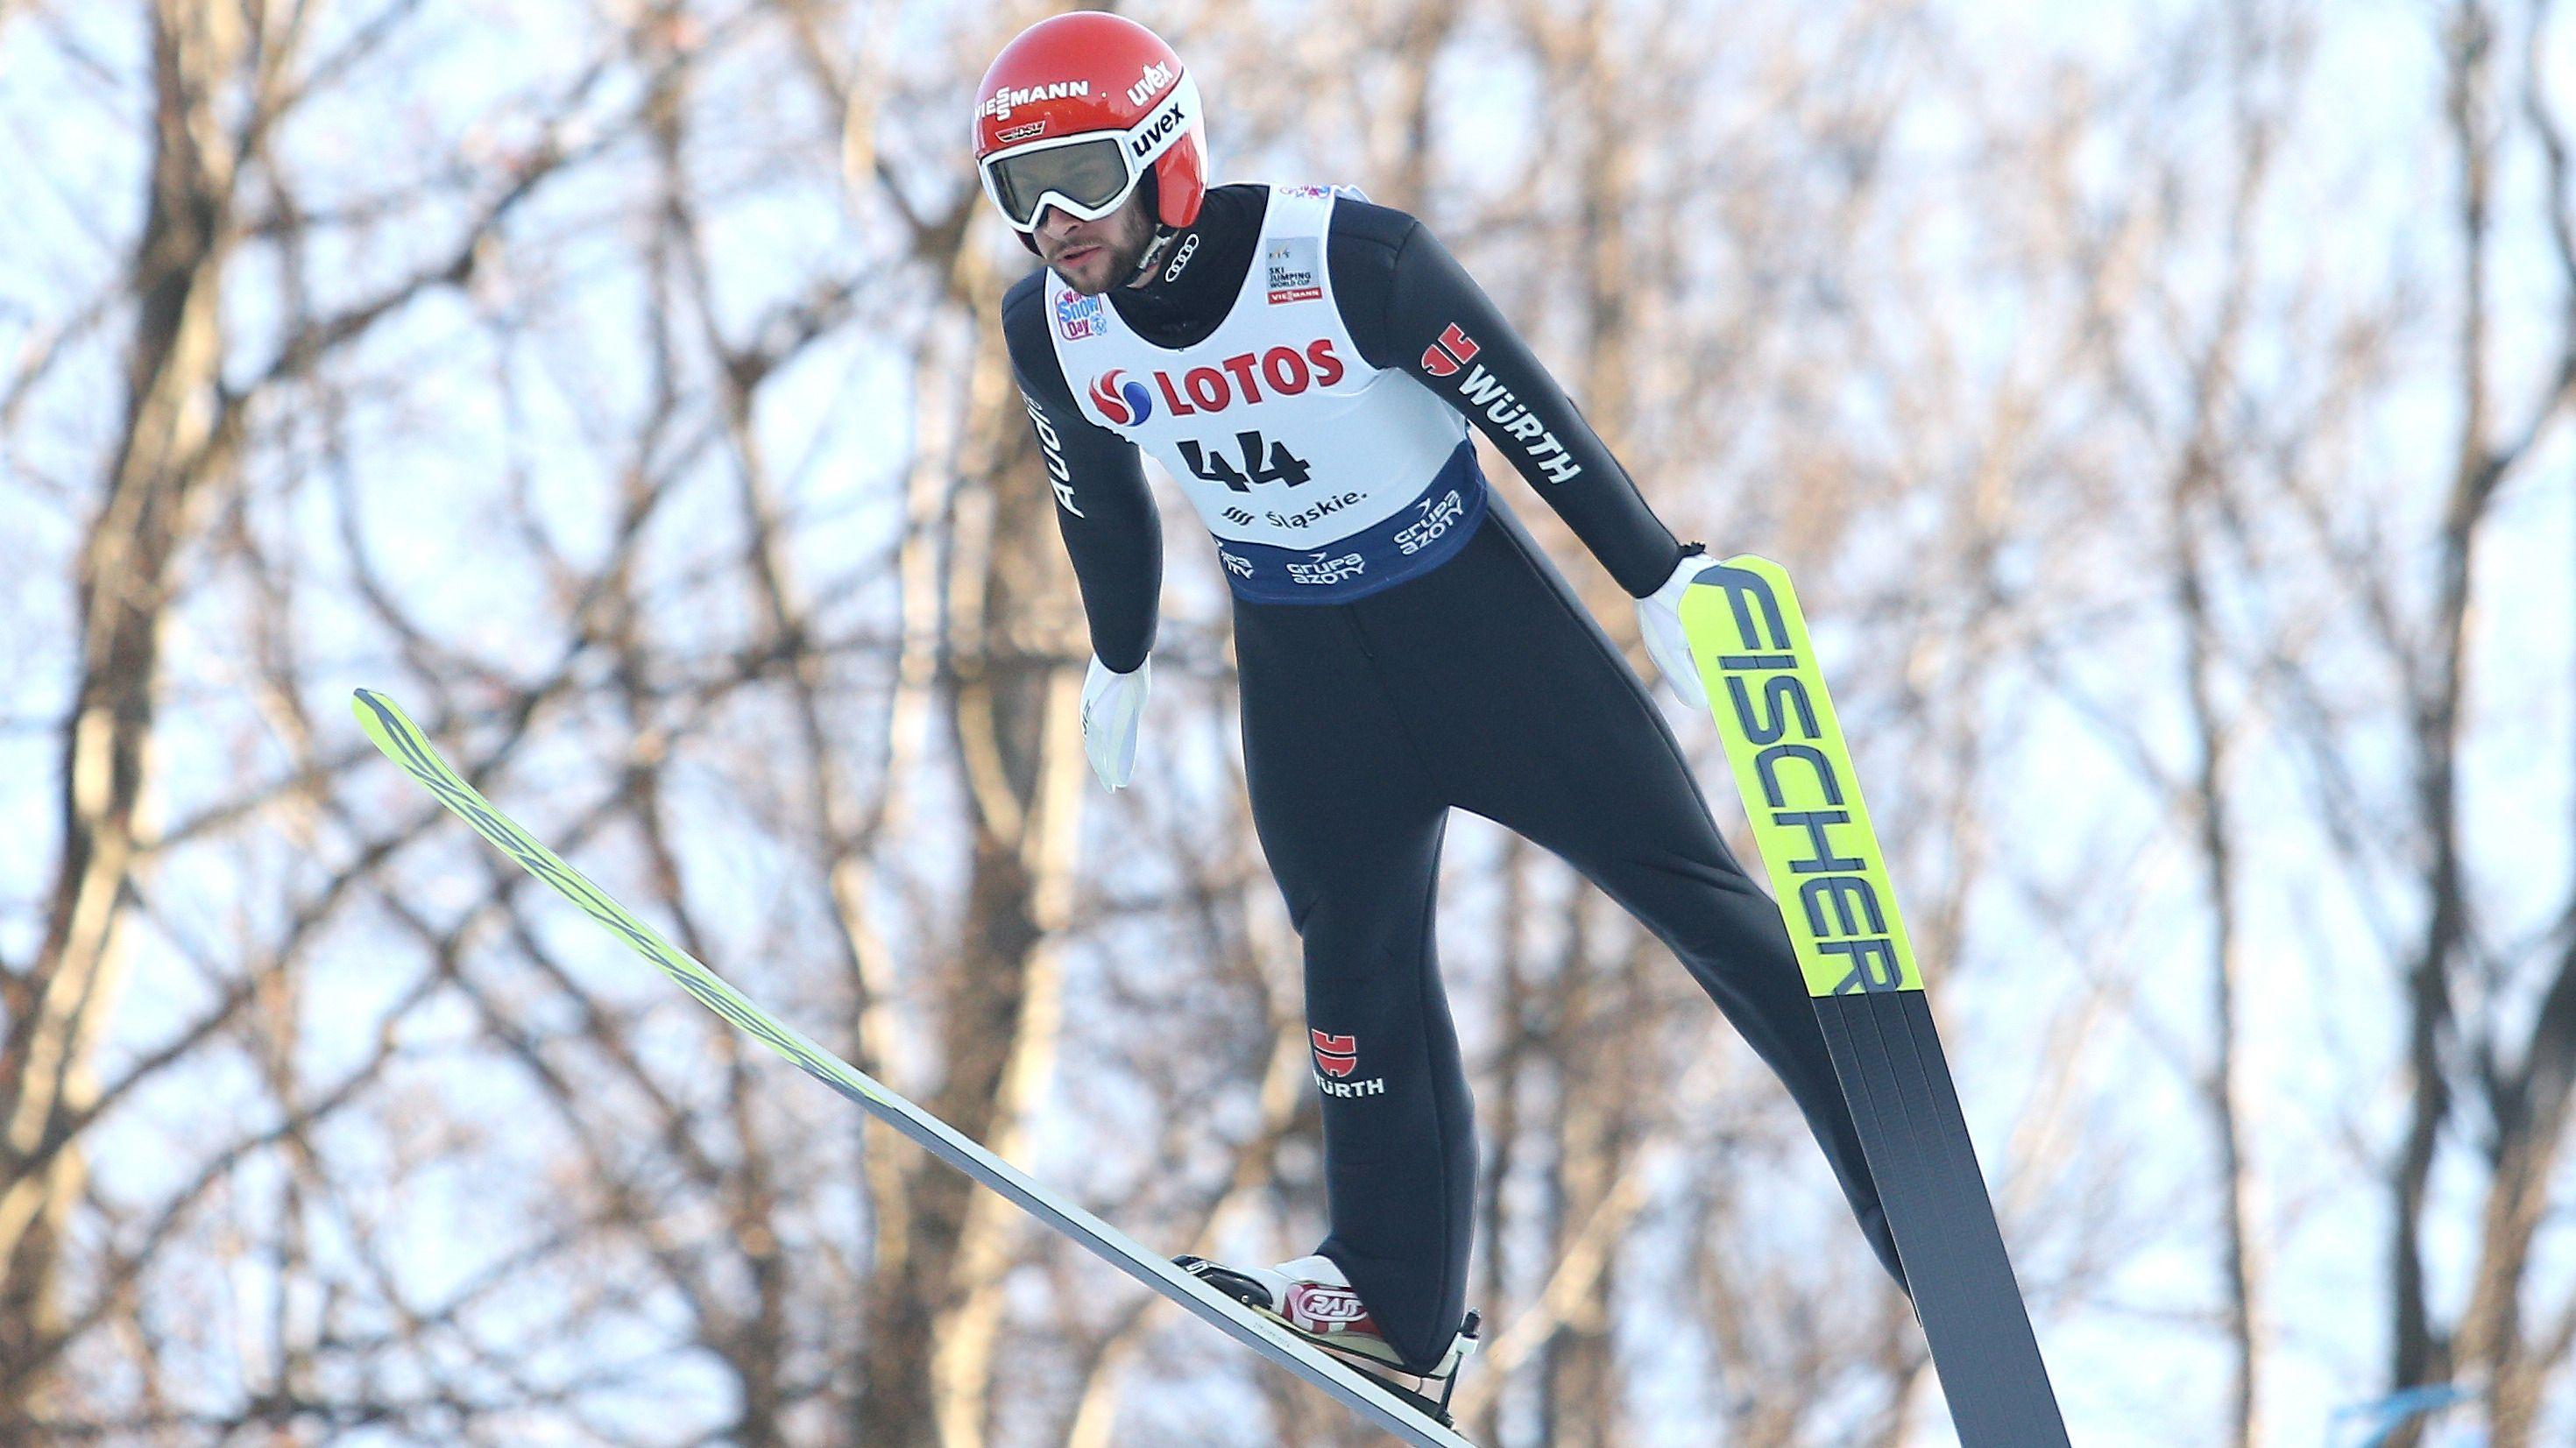 Erneute Enttäuschung für Skispringer Markus Eisenbichler